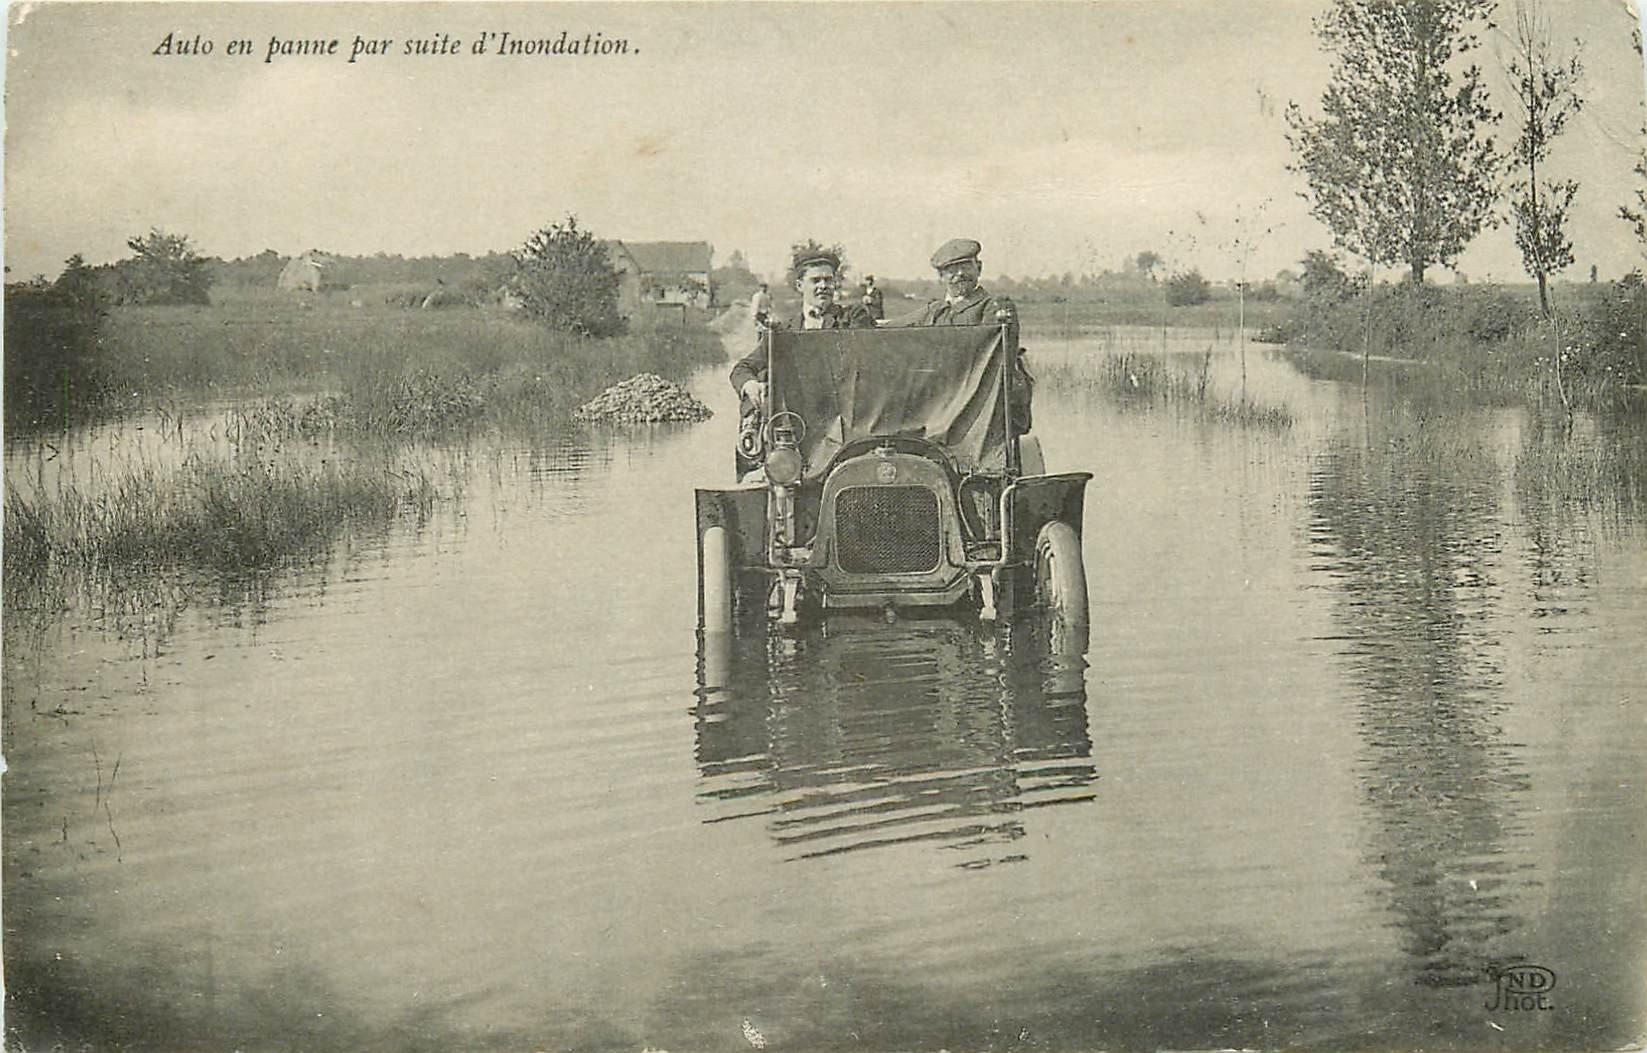 TRANSPORTS et CATASTROPHES. Automobile en panne suite à l'Inondation en pleine Campagne